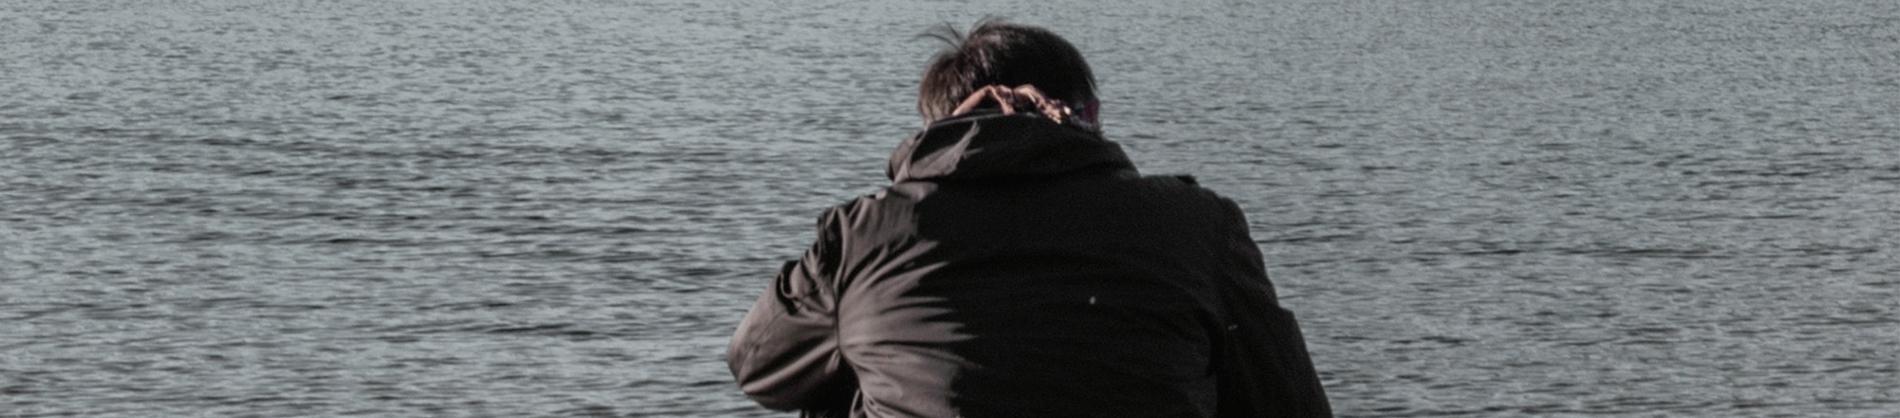 A man sat down by a lake